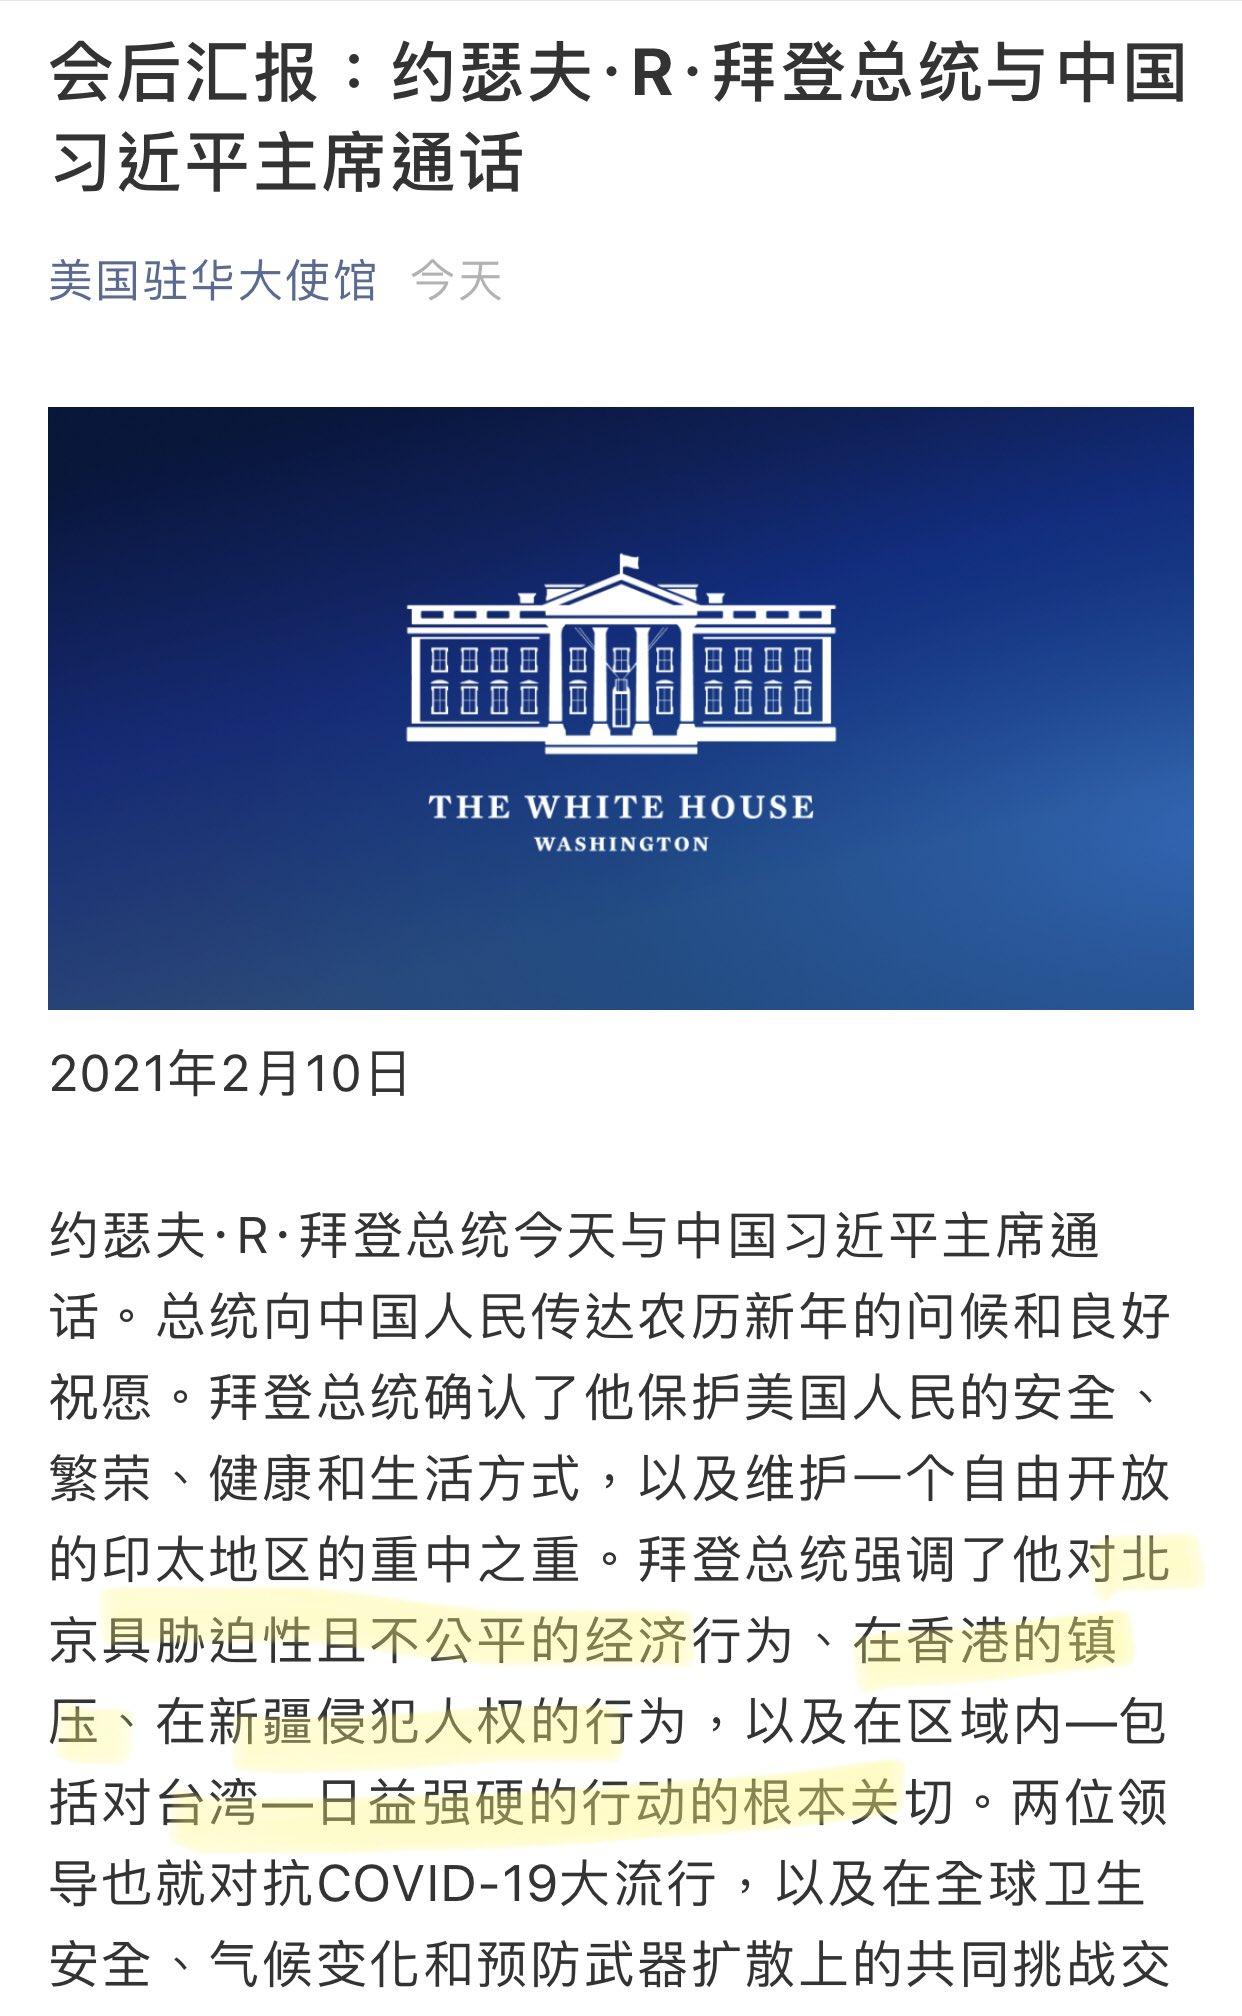 """习近平与拜登新年通电话 中方报道""""避重就轻""""?"""